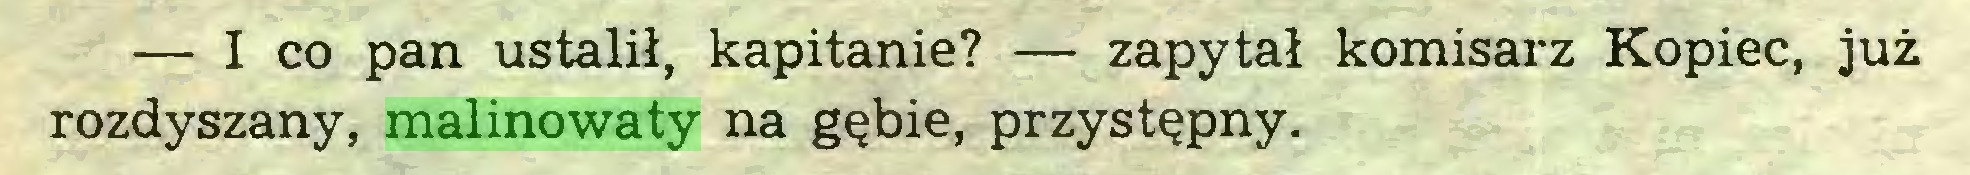 (...) — I co pan ustalił, kapitanie? — zapytał komisarz Kopiec, już rozdyszany, malinowaty na gębie, przystępny...